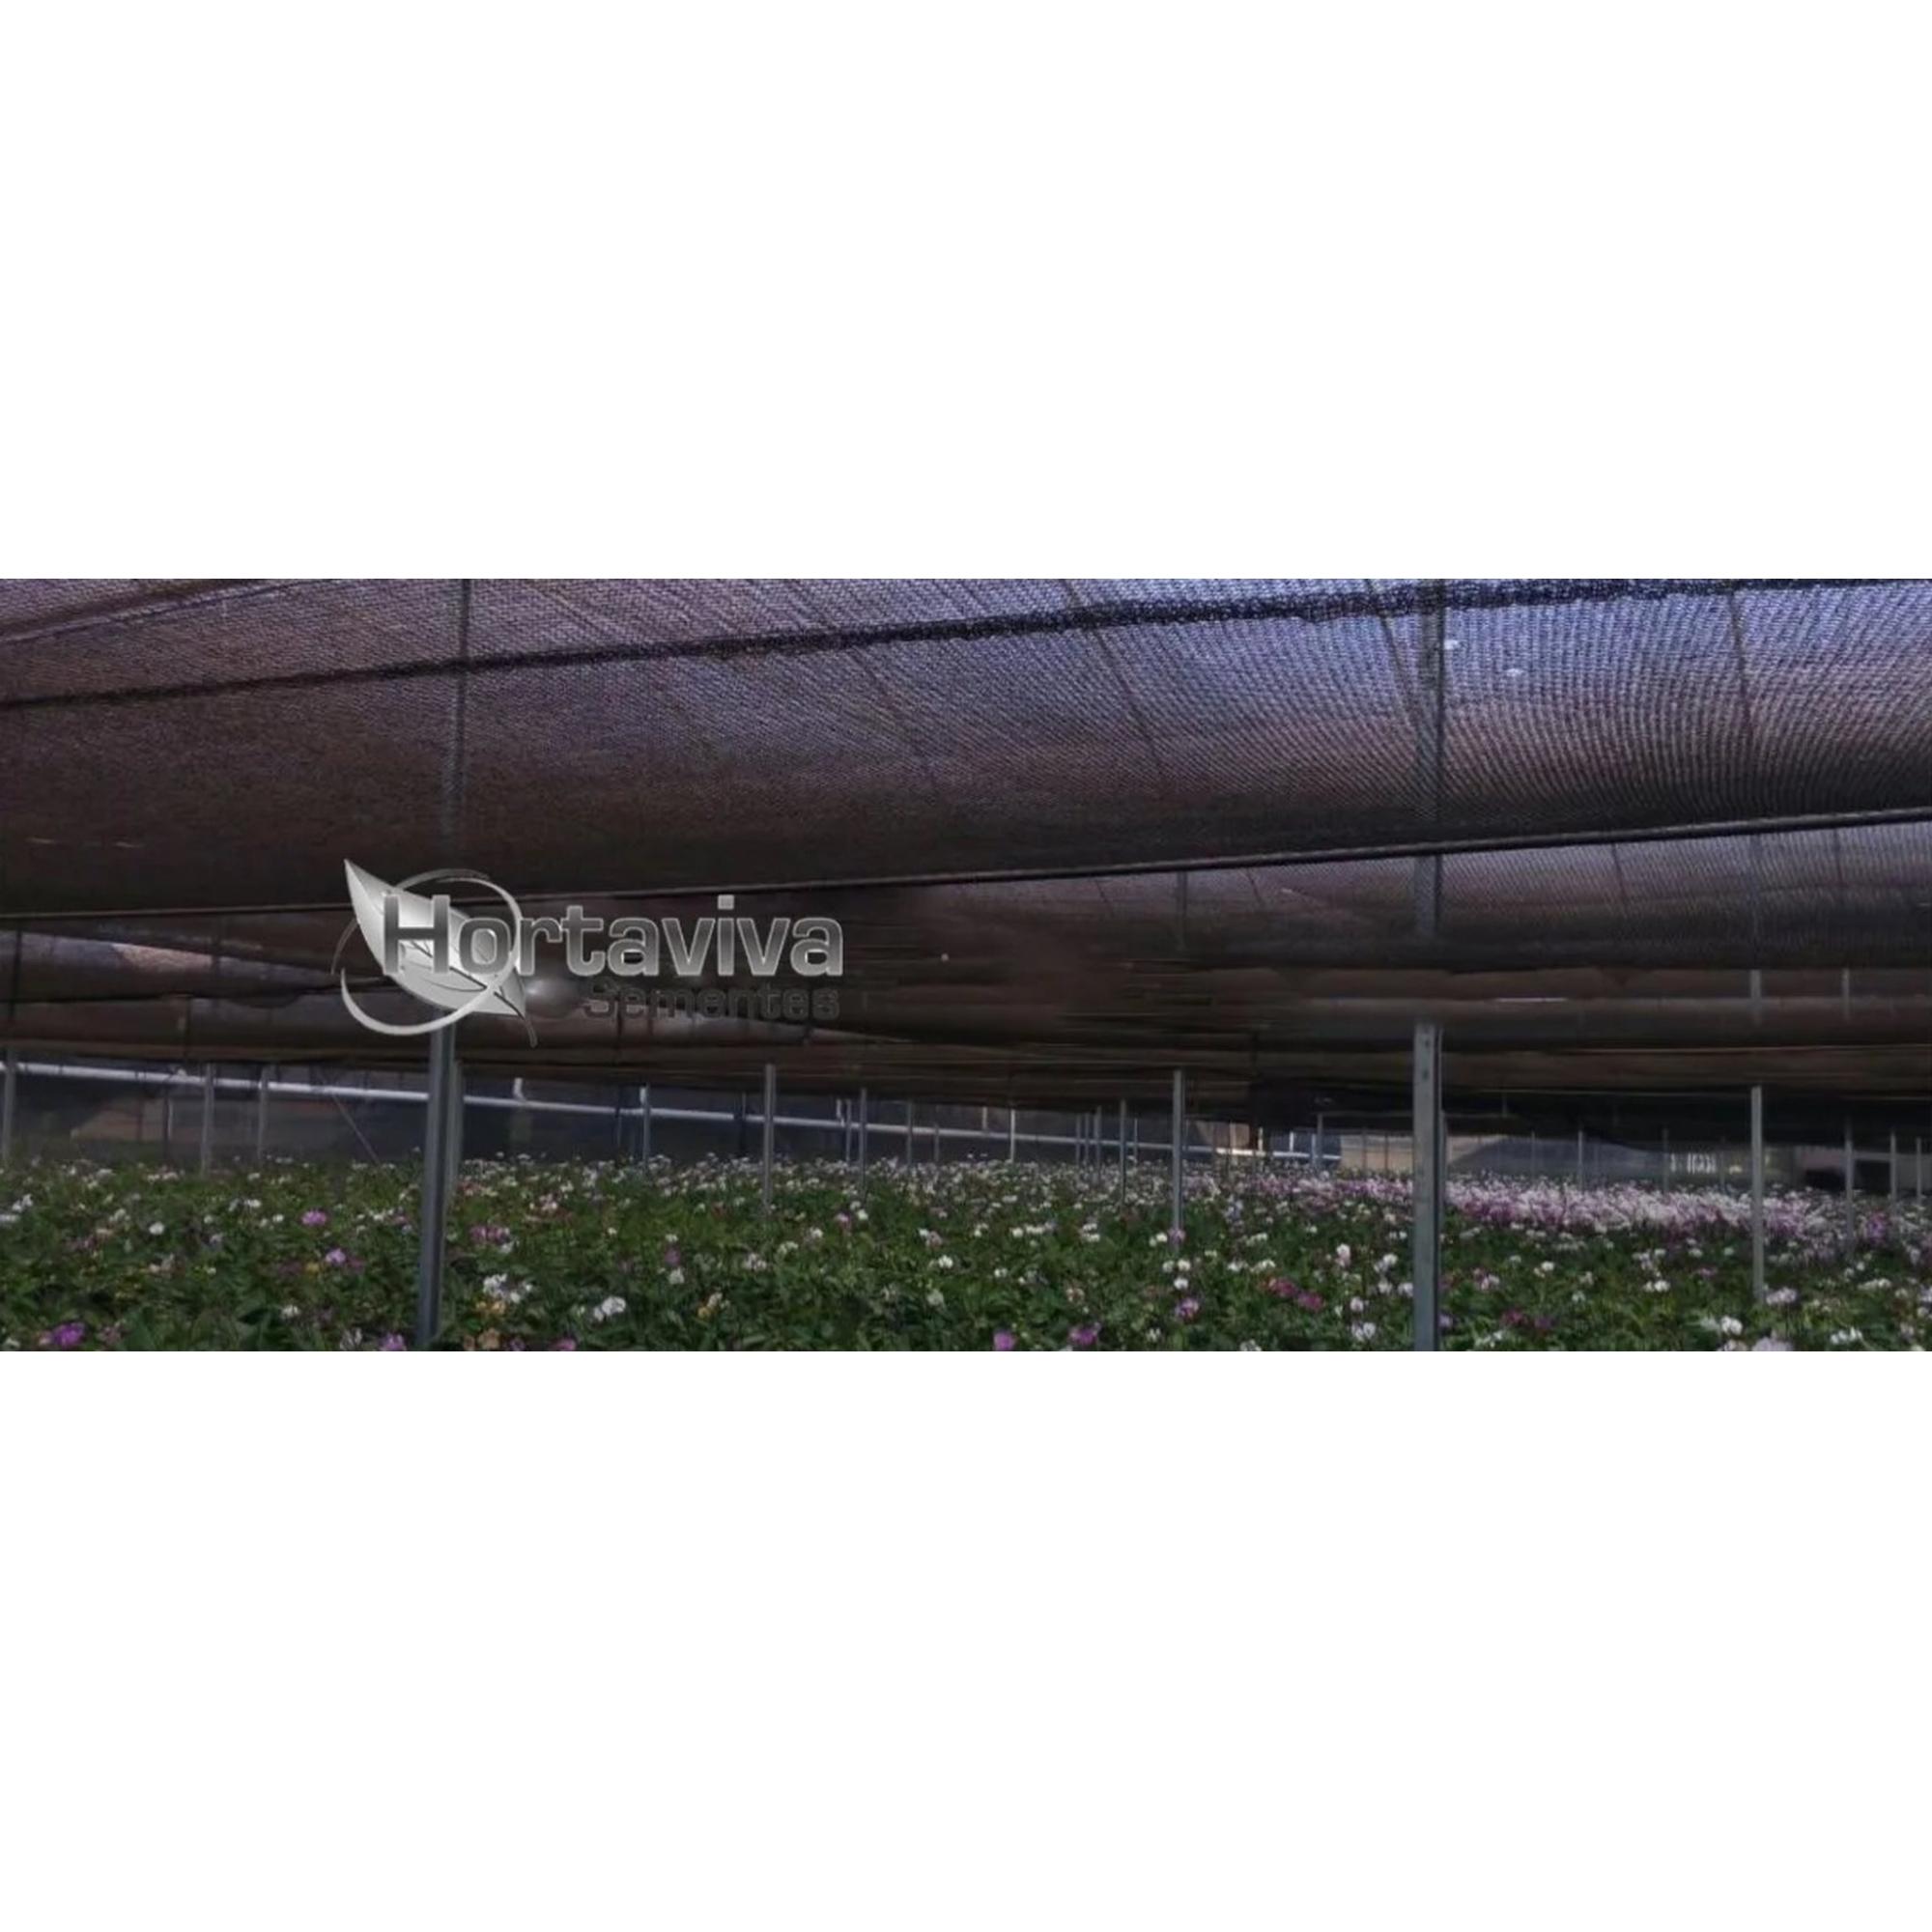 Tela de Sombreamento Preta 50% - 2 Metros x 150 Metros